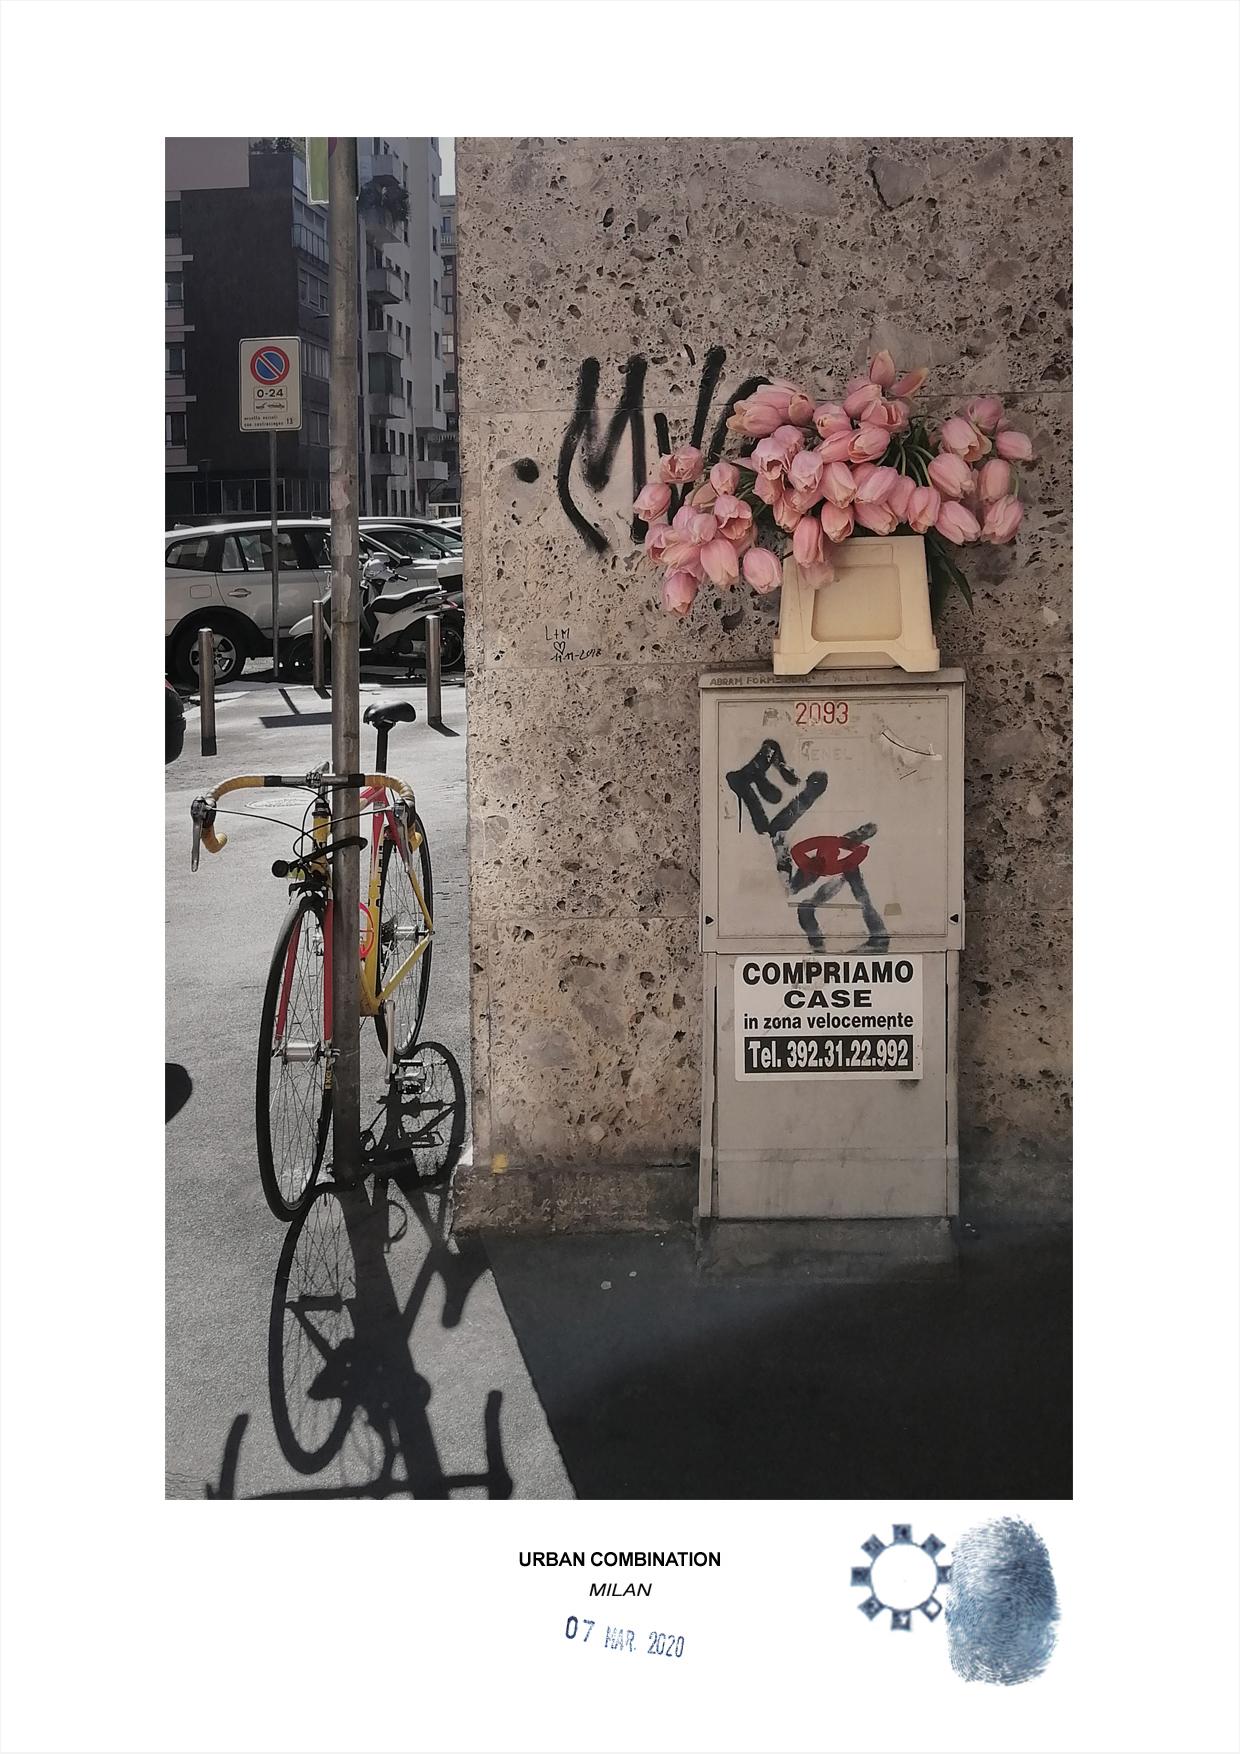 Arte contemporanea Maurizio Di Feo. Combinazione urbana, Milano. Fiori rosa abbandonati ad angolo con una bicicletta in un giorno di sole, pochi giorni prima della quarantena da coronavirus.